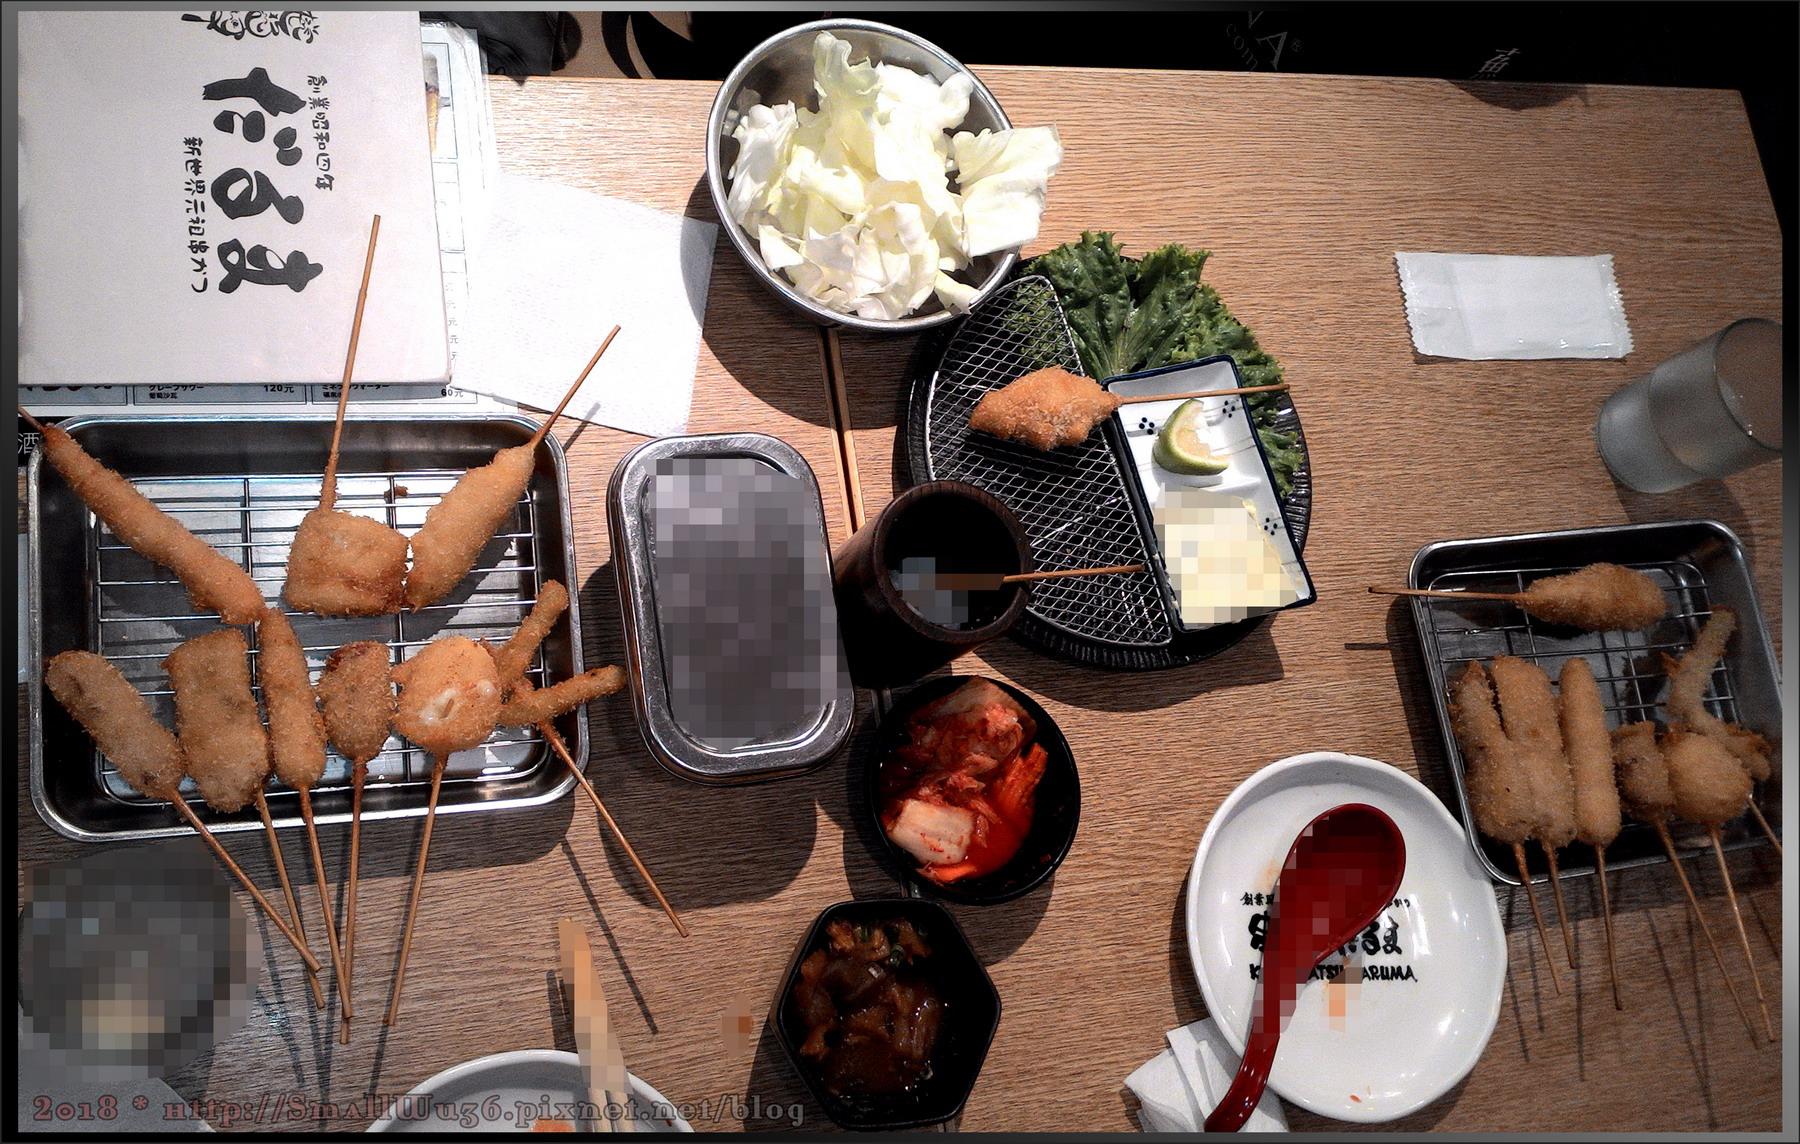 [022]台北中山站-串炸達摩-台北套餐 大阪套餐.jpg